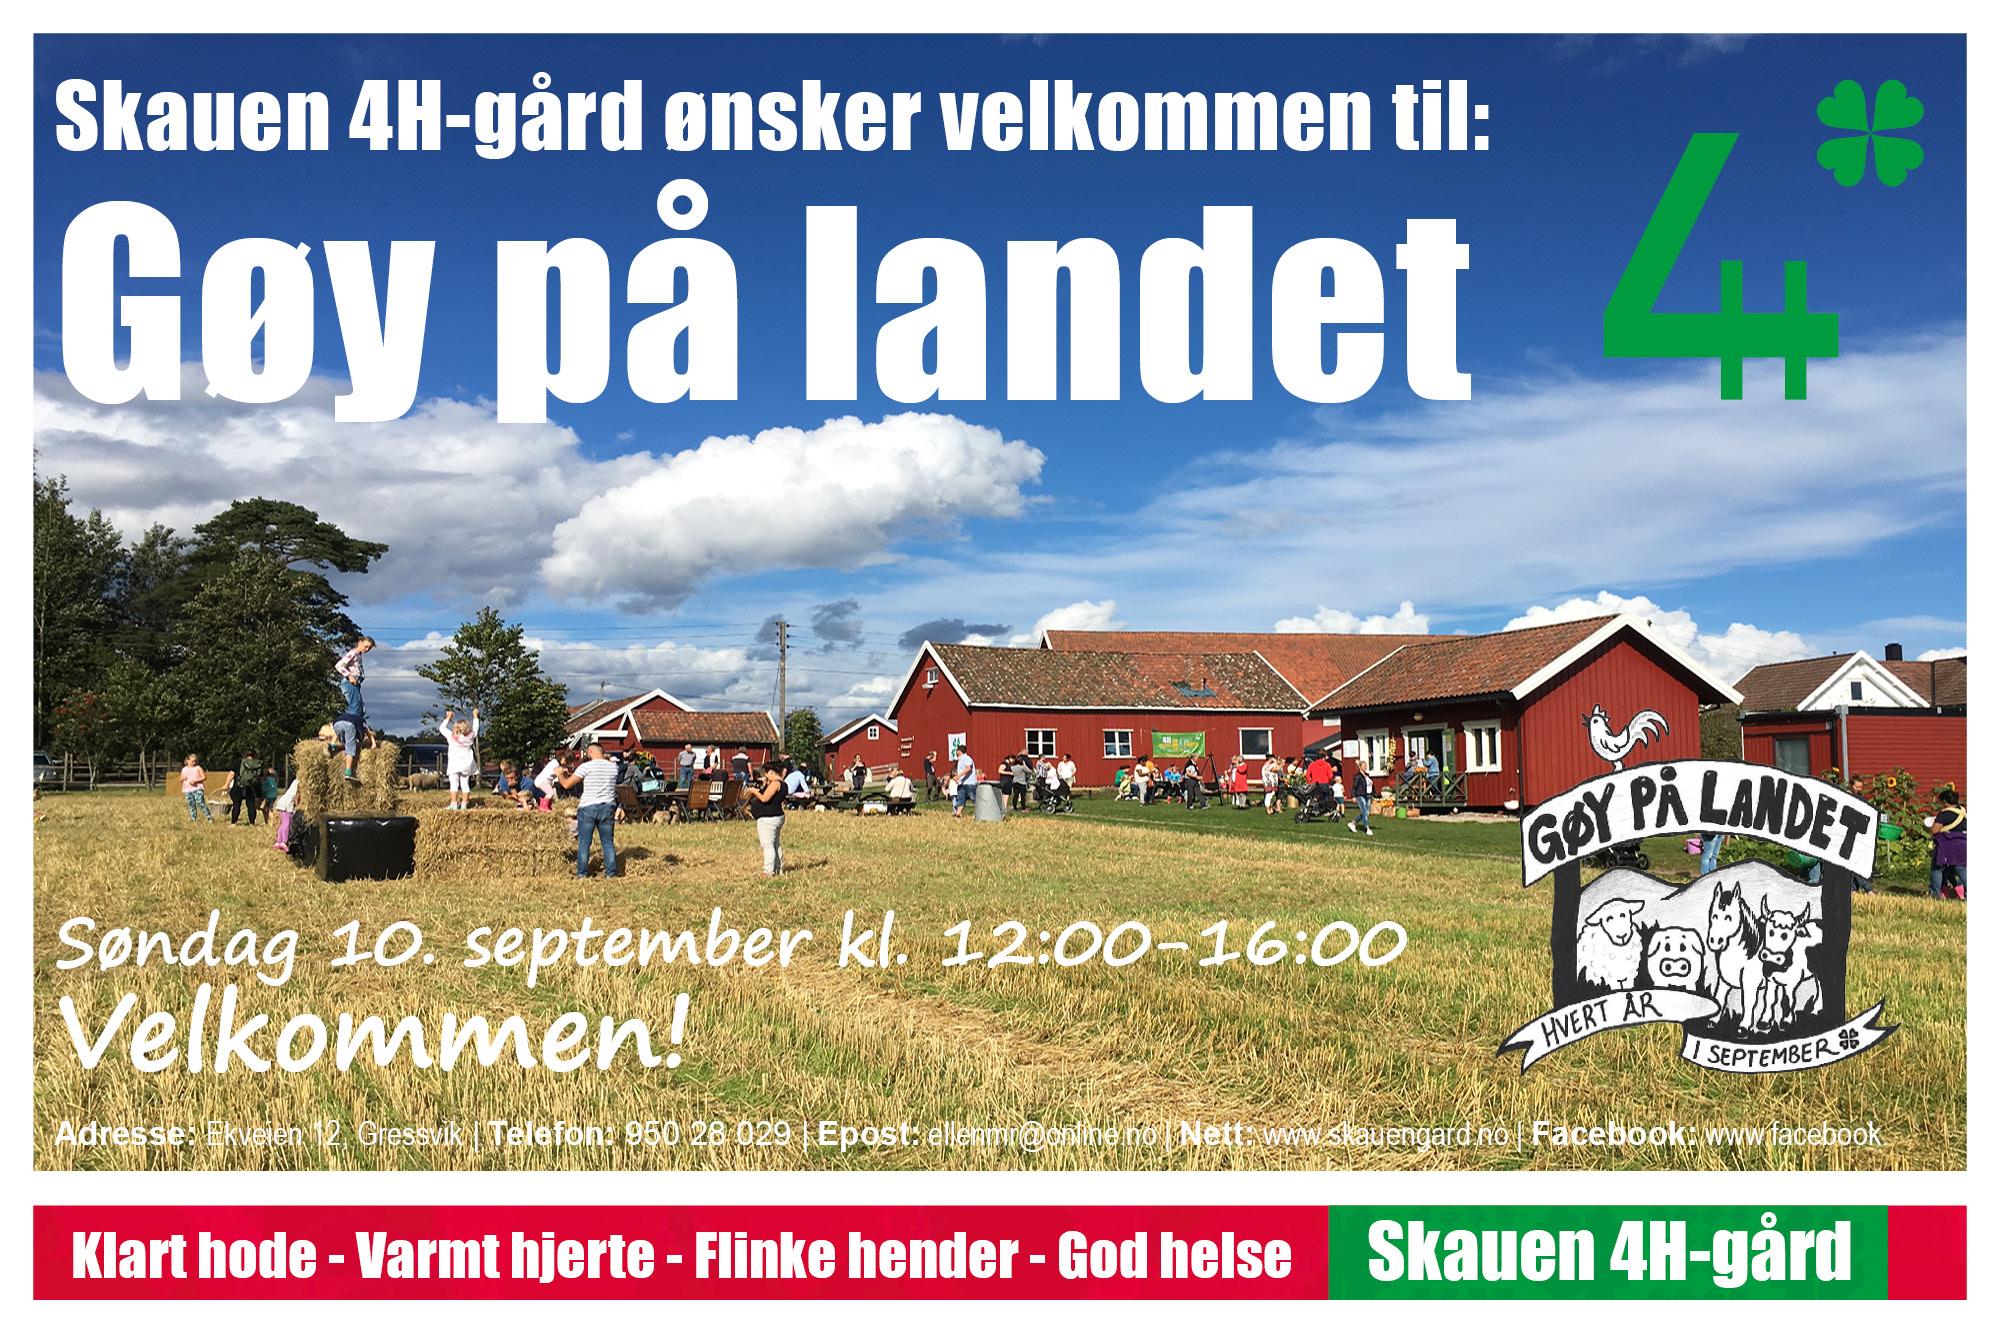 Skauen 4H-gård - Invitasjon til Gøy på landet 2017 - MINIVERSJON 2 (002).jpg